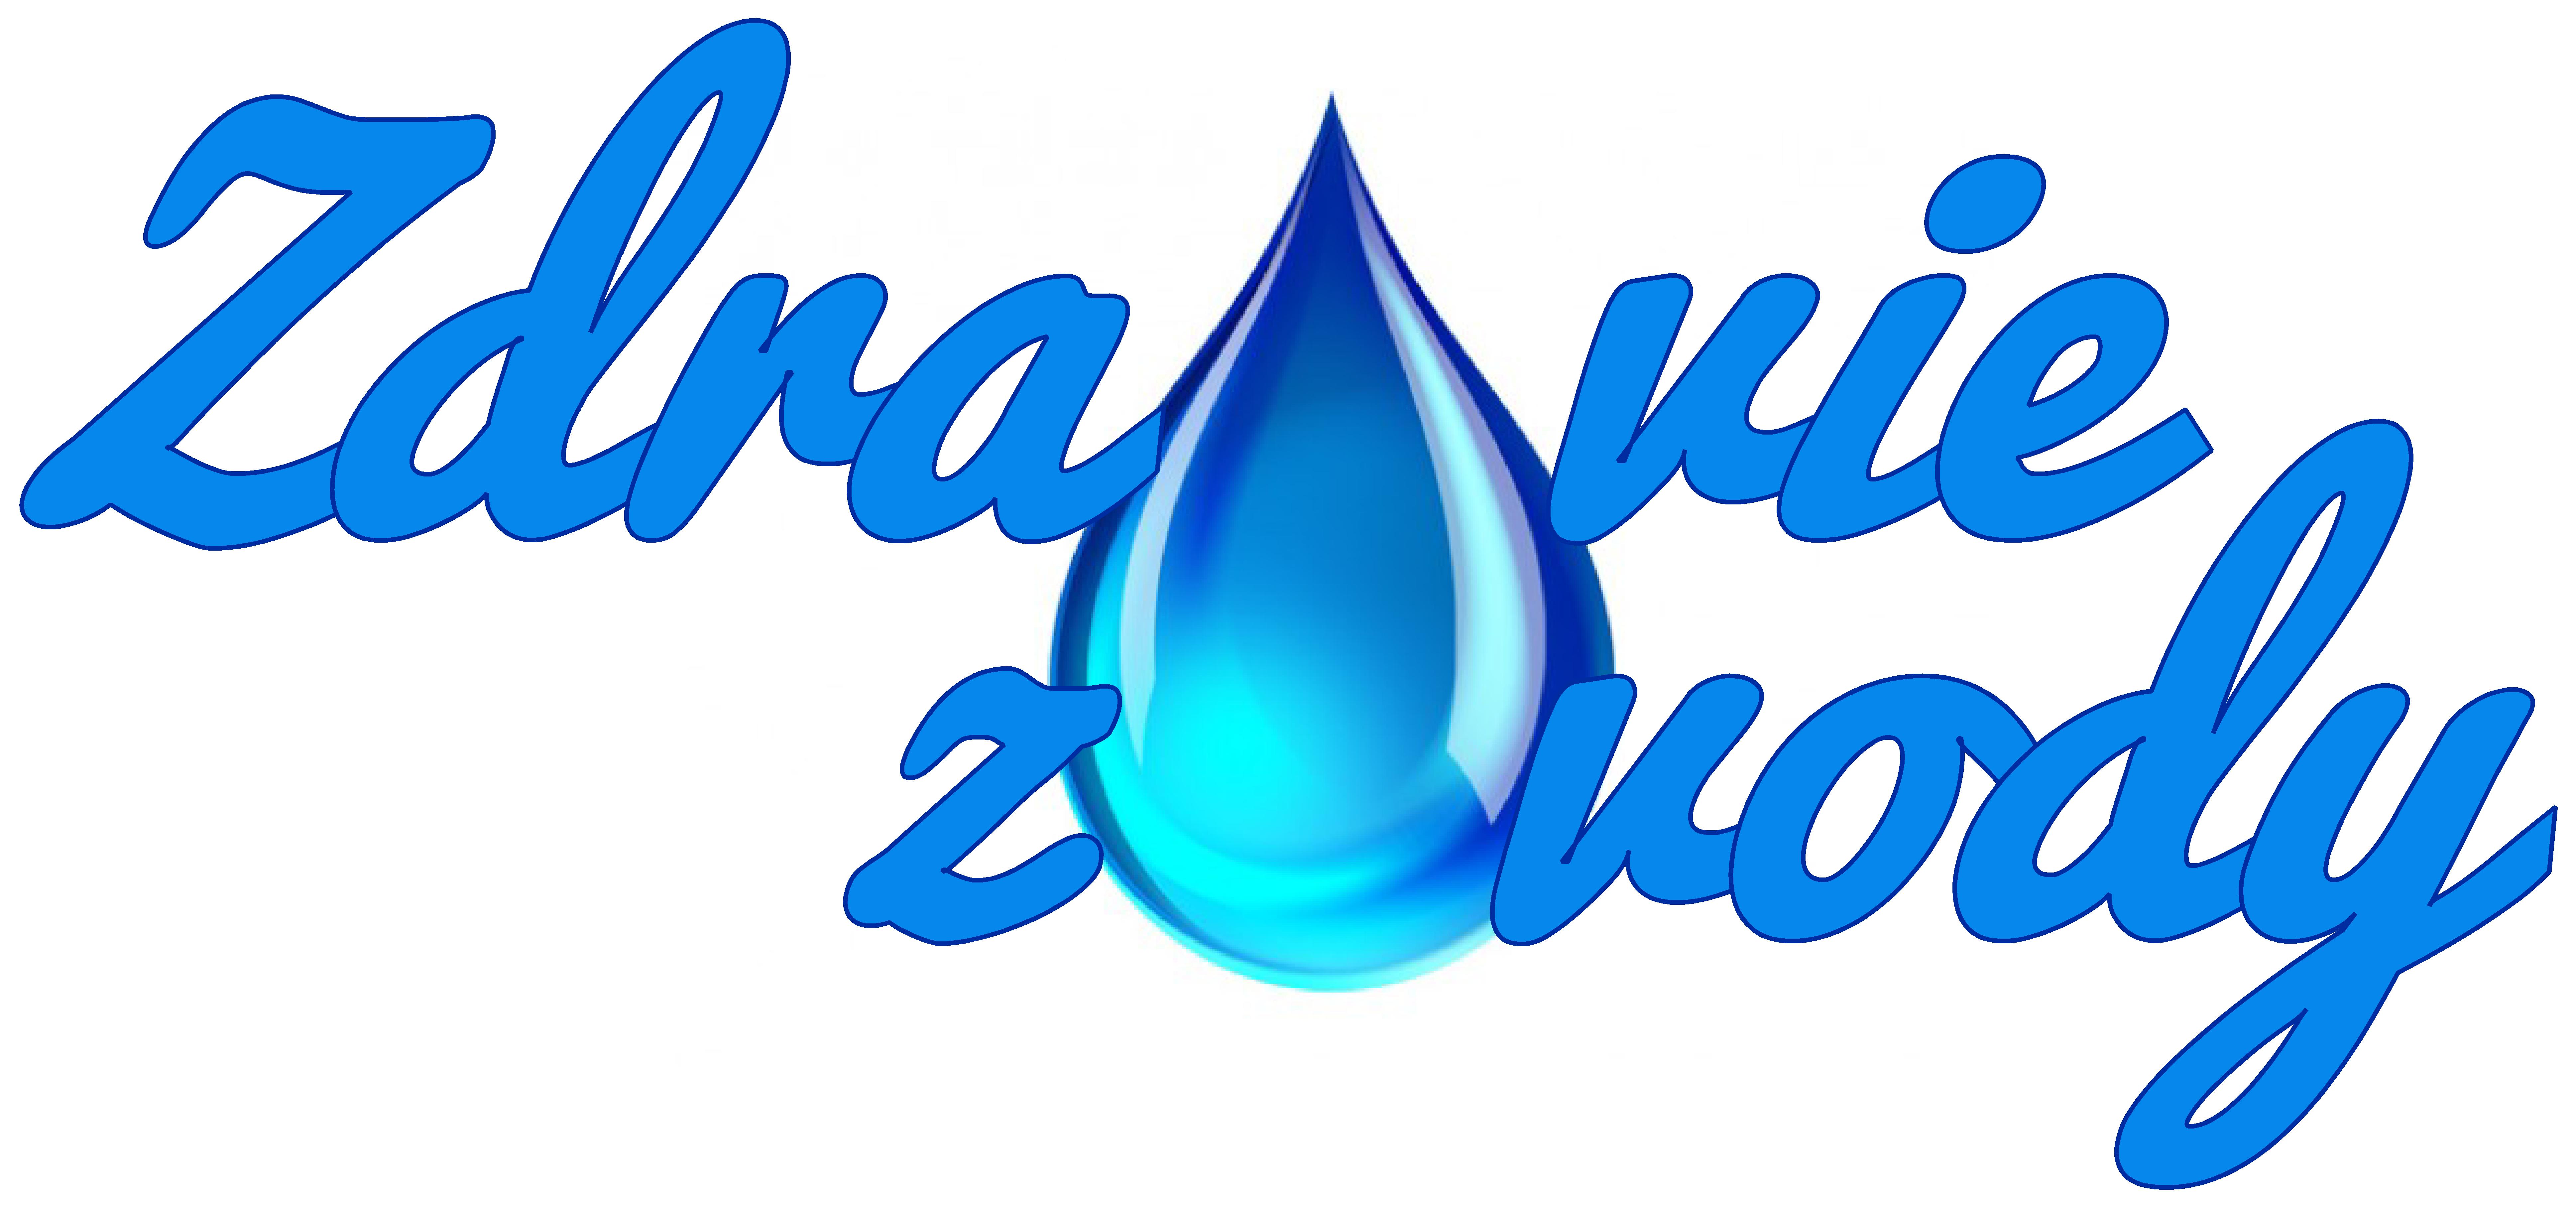 Zdravie z vody